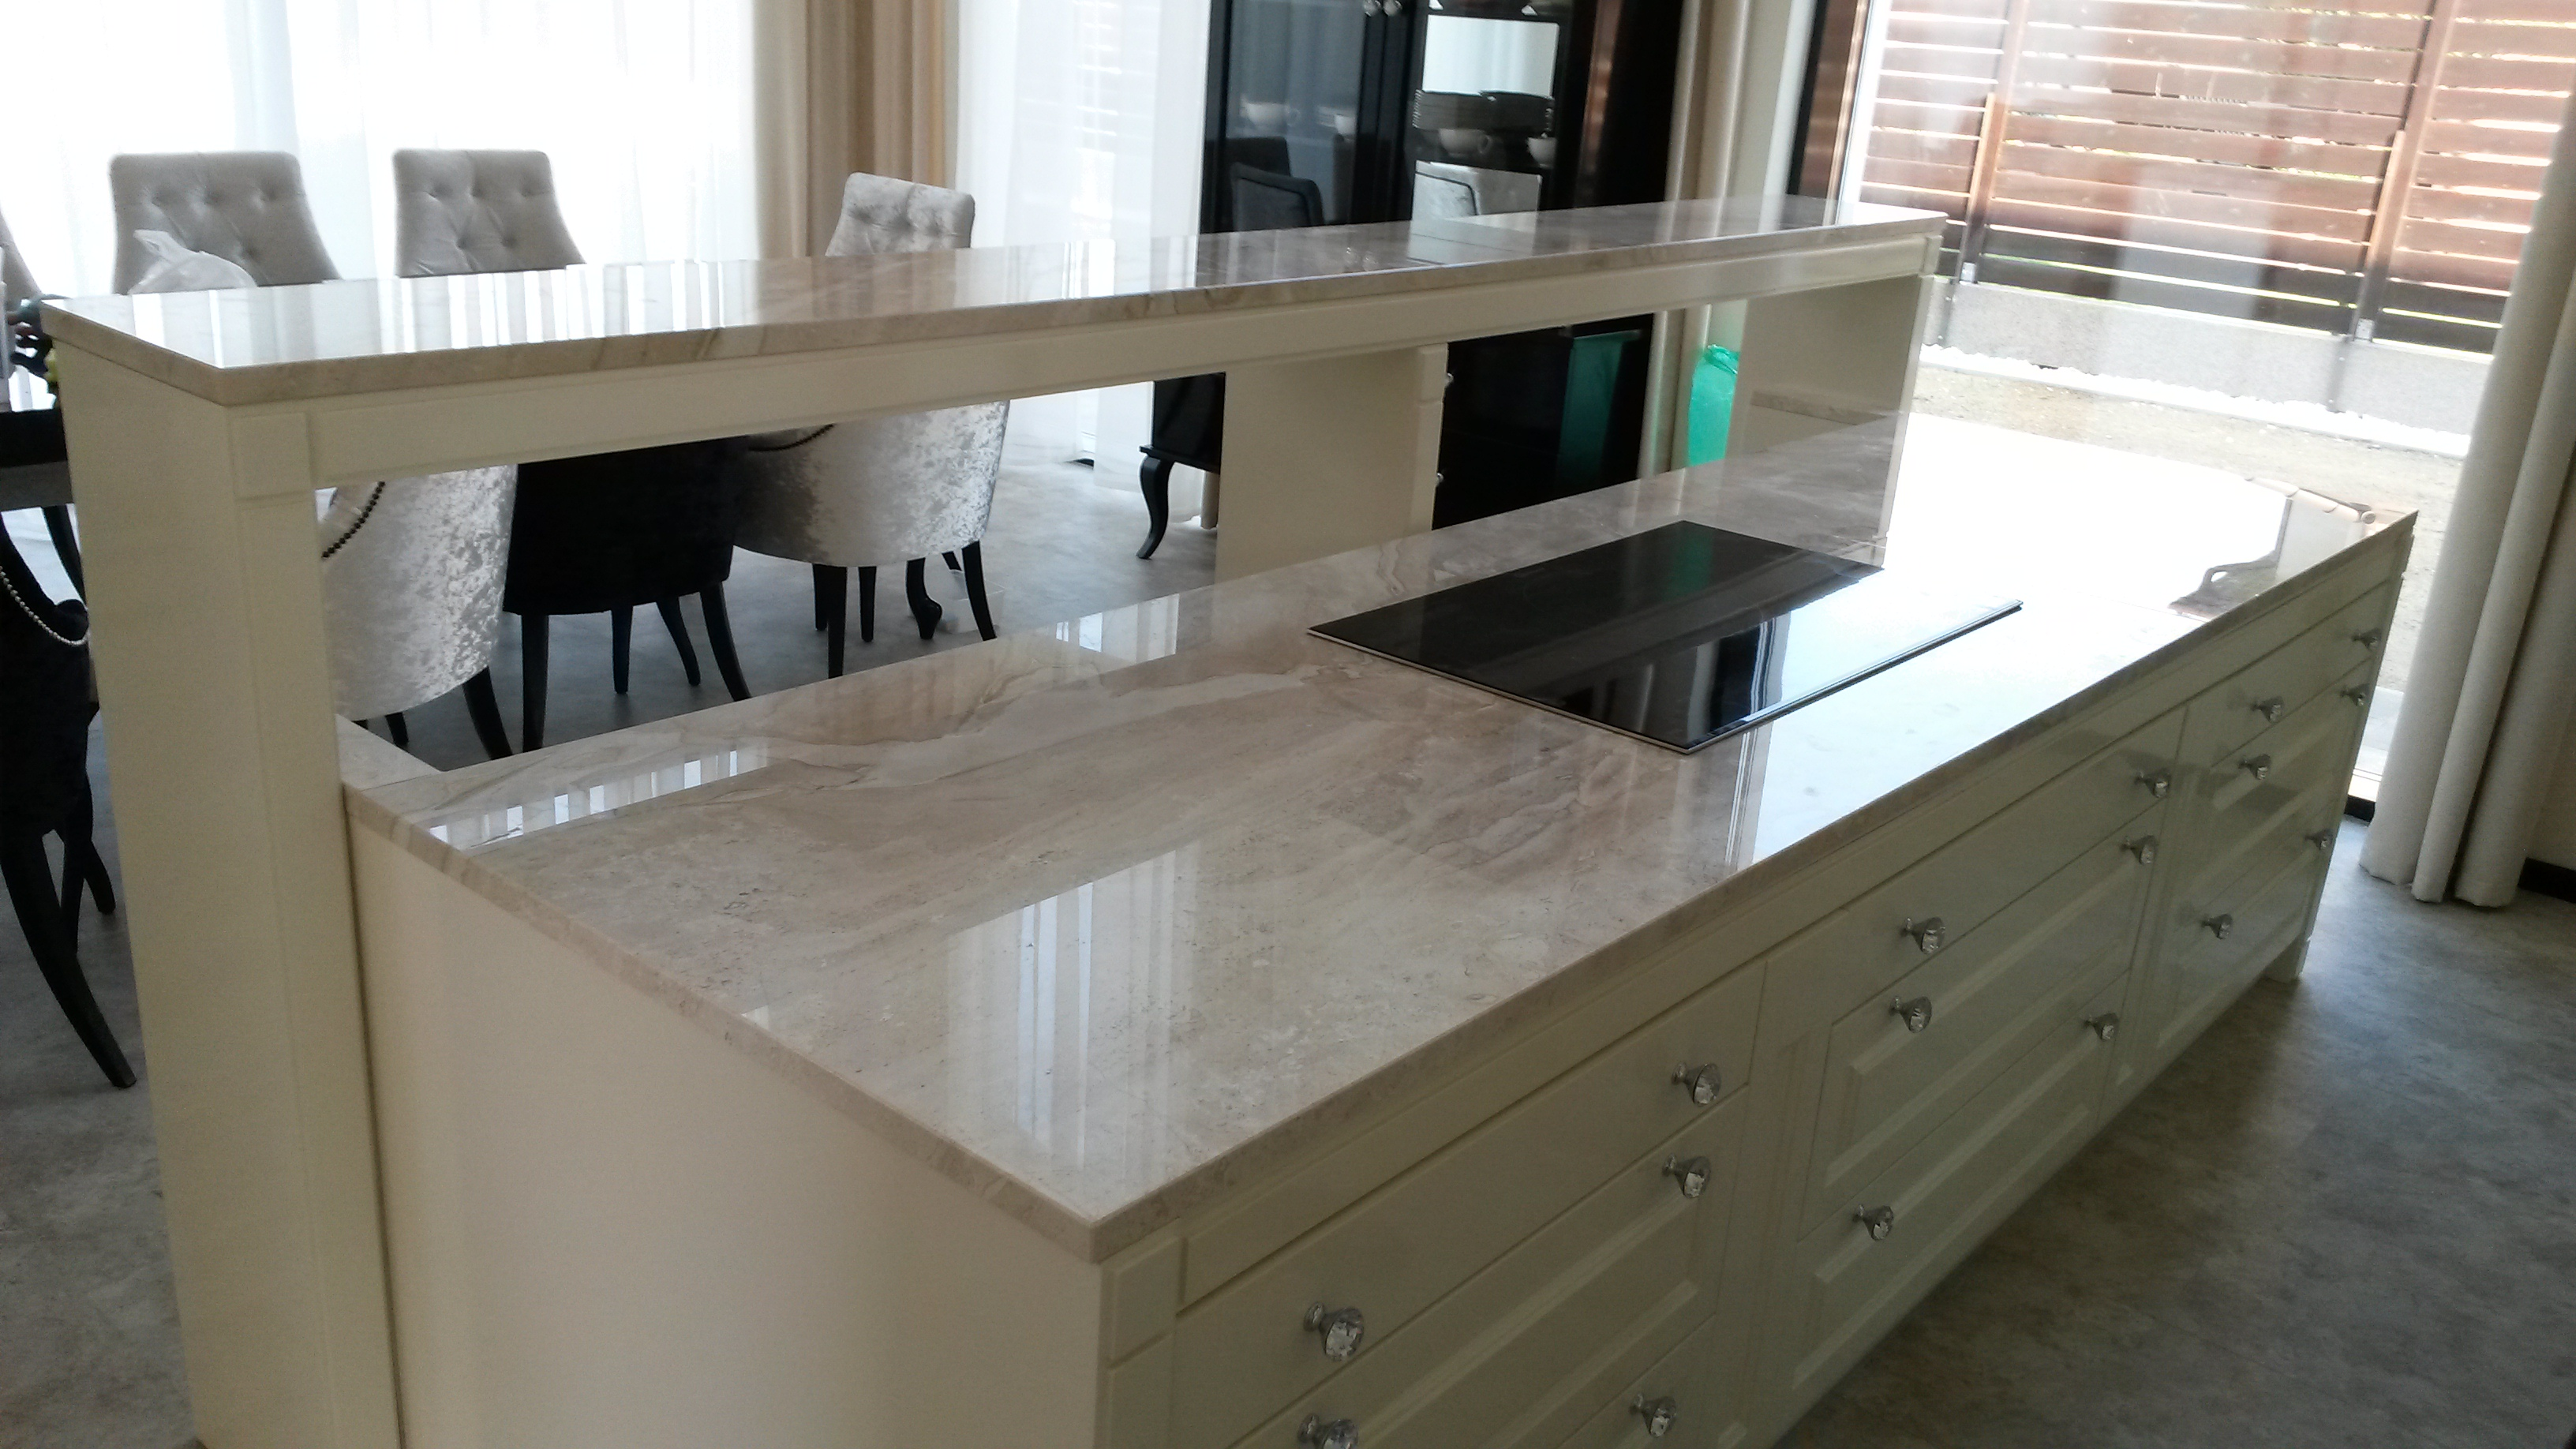 Breccia Sarda mészkő átadópult és konyhapult x3cm vastagság, teljes oldali megmunkálással, fényes felülettel